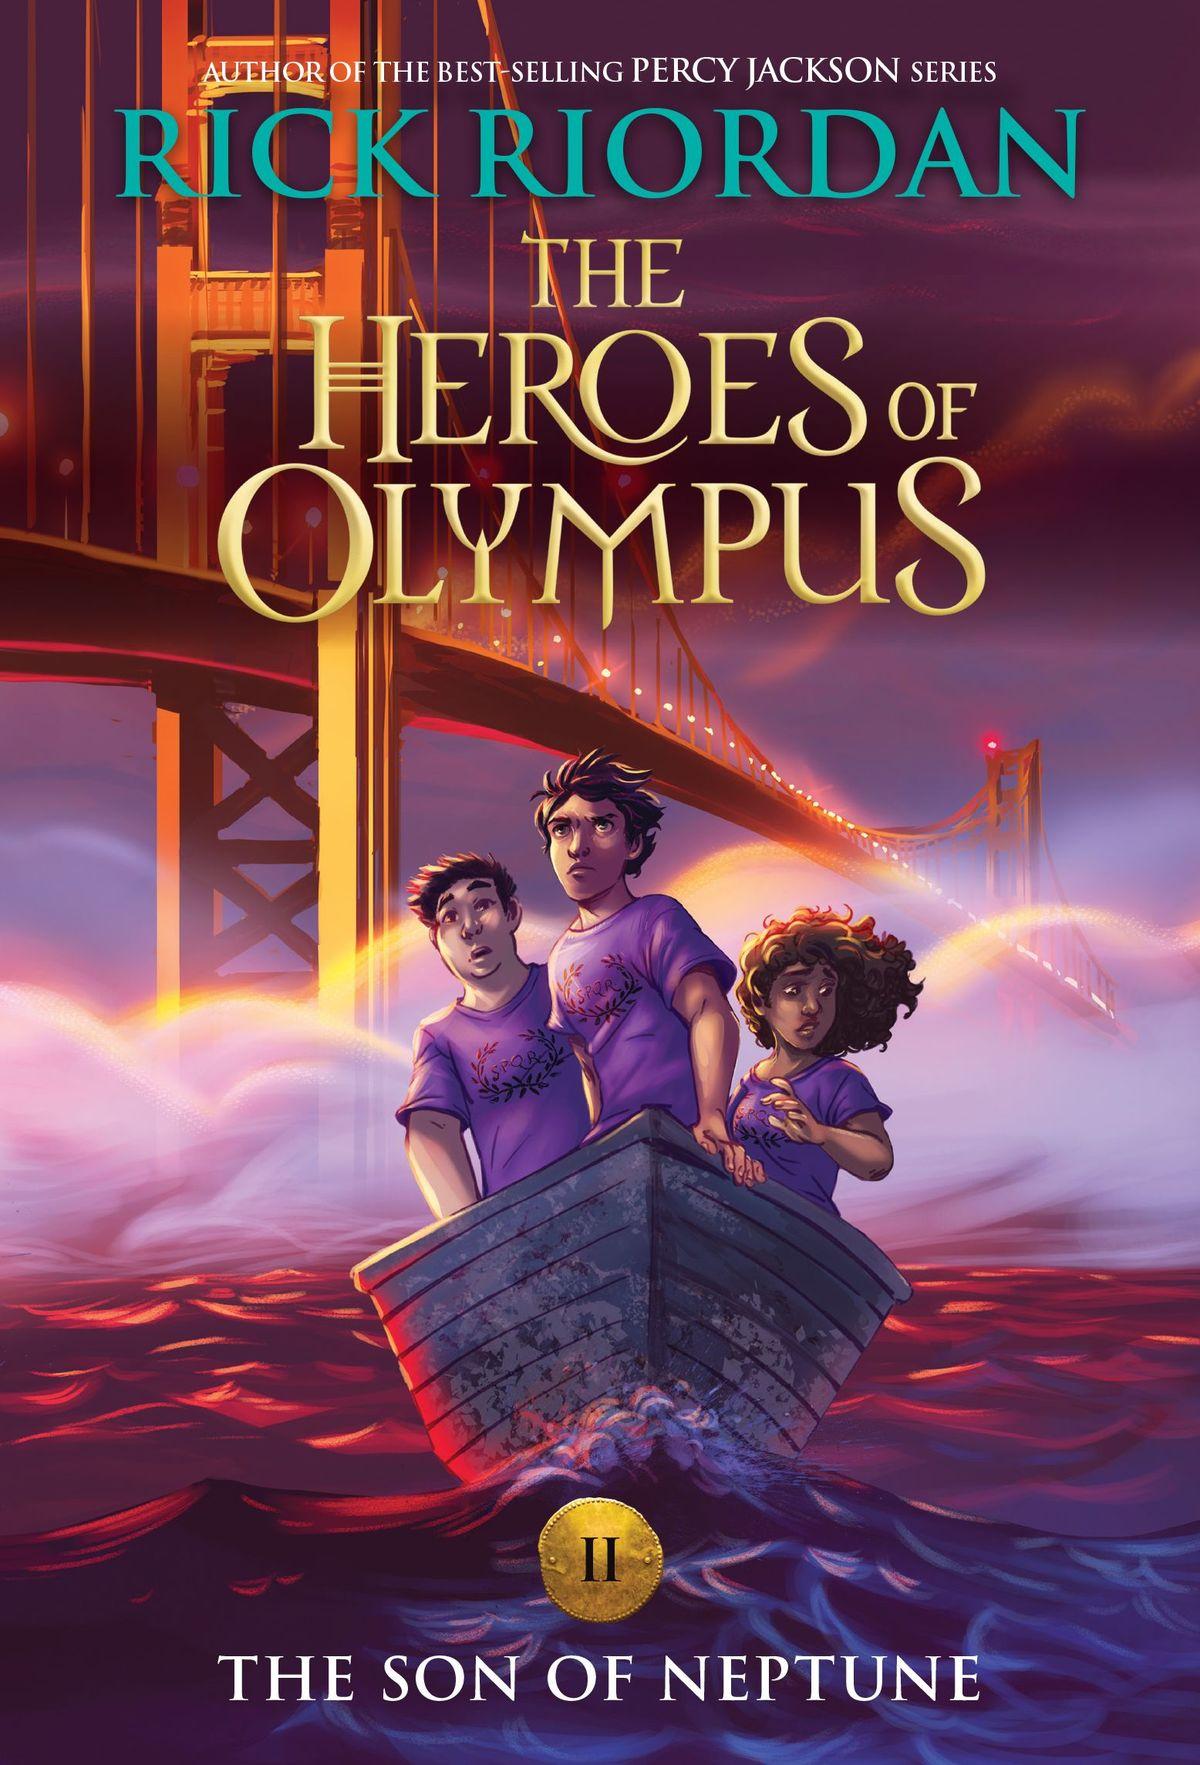 Heroes Of Olympus Series By Rick Riordan Receives Updated Covers